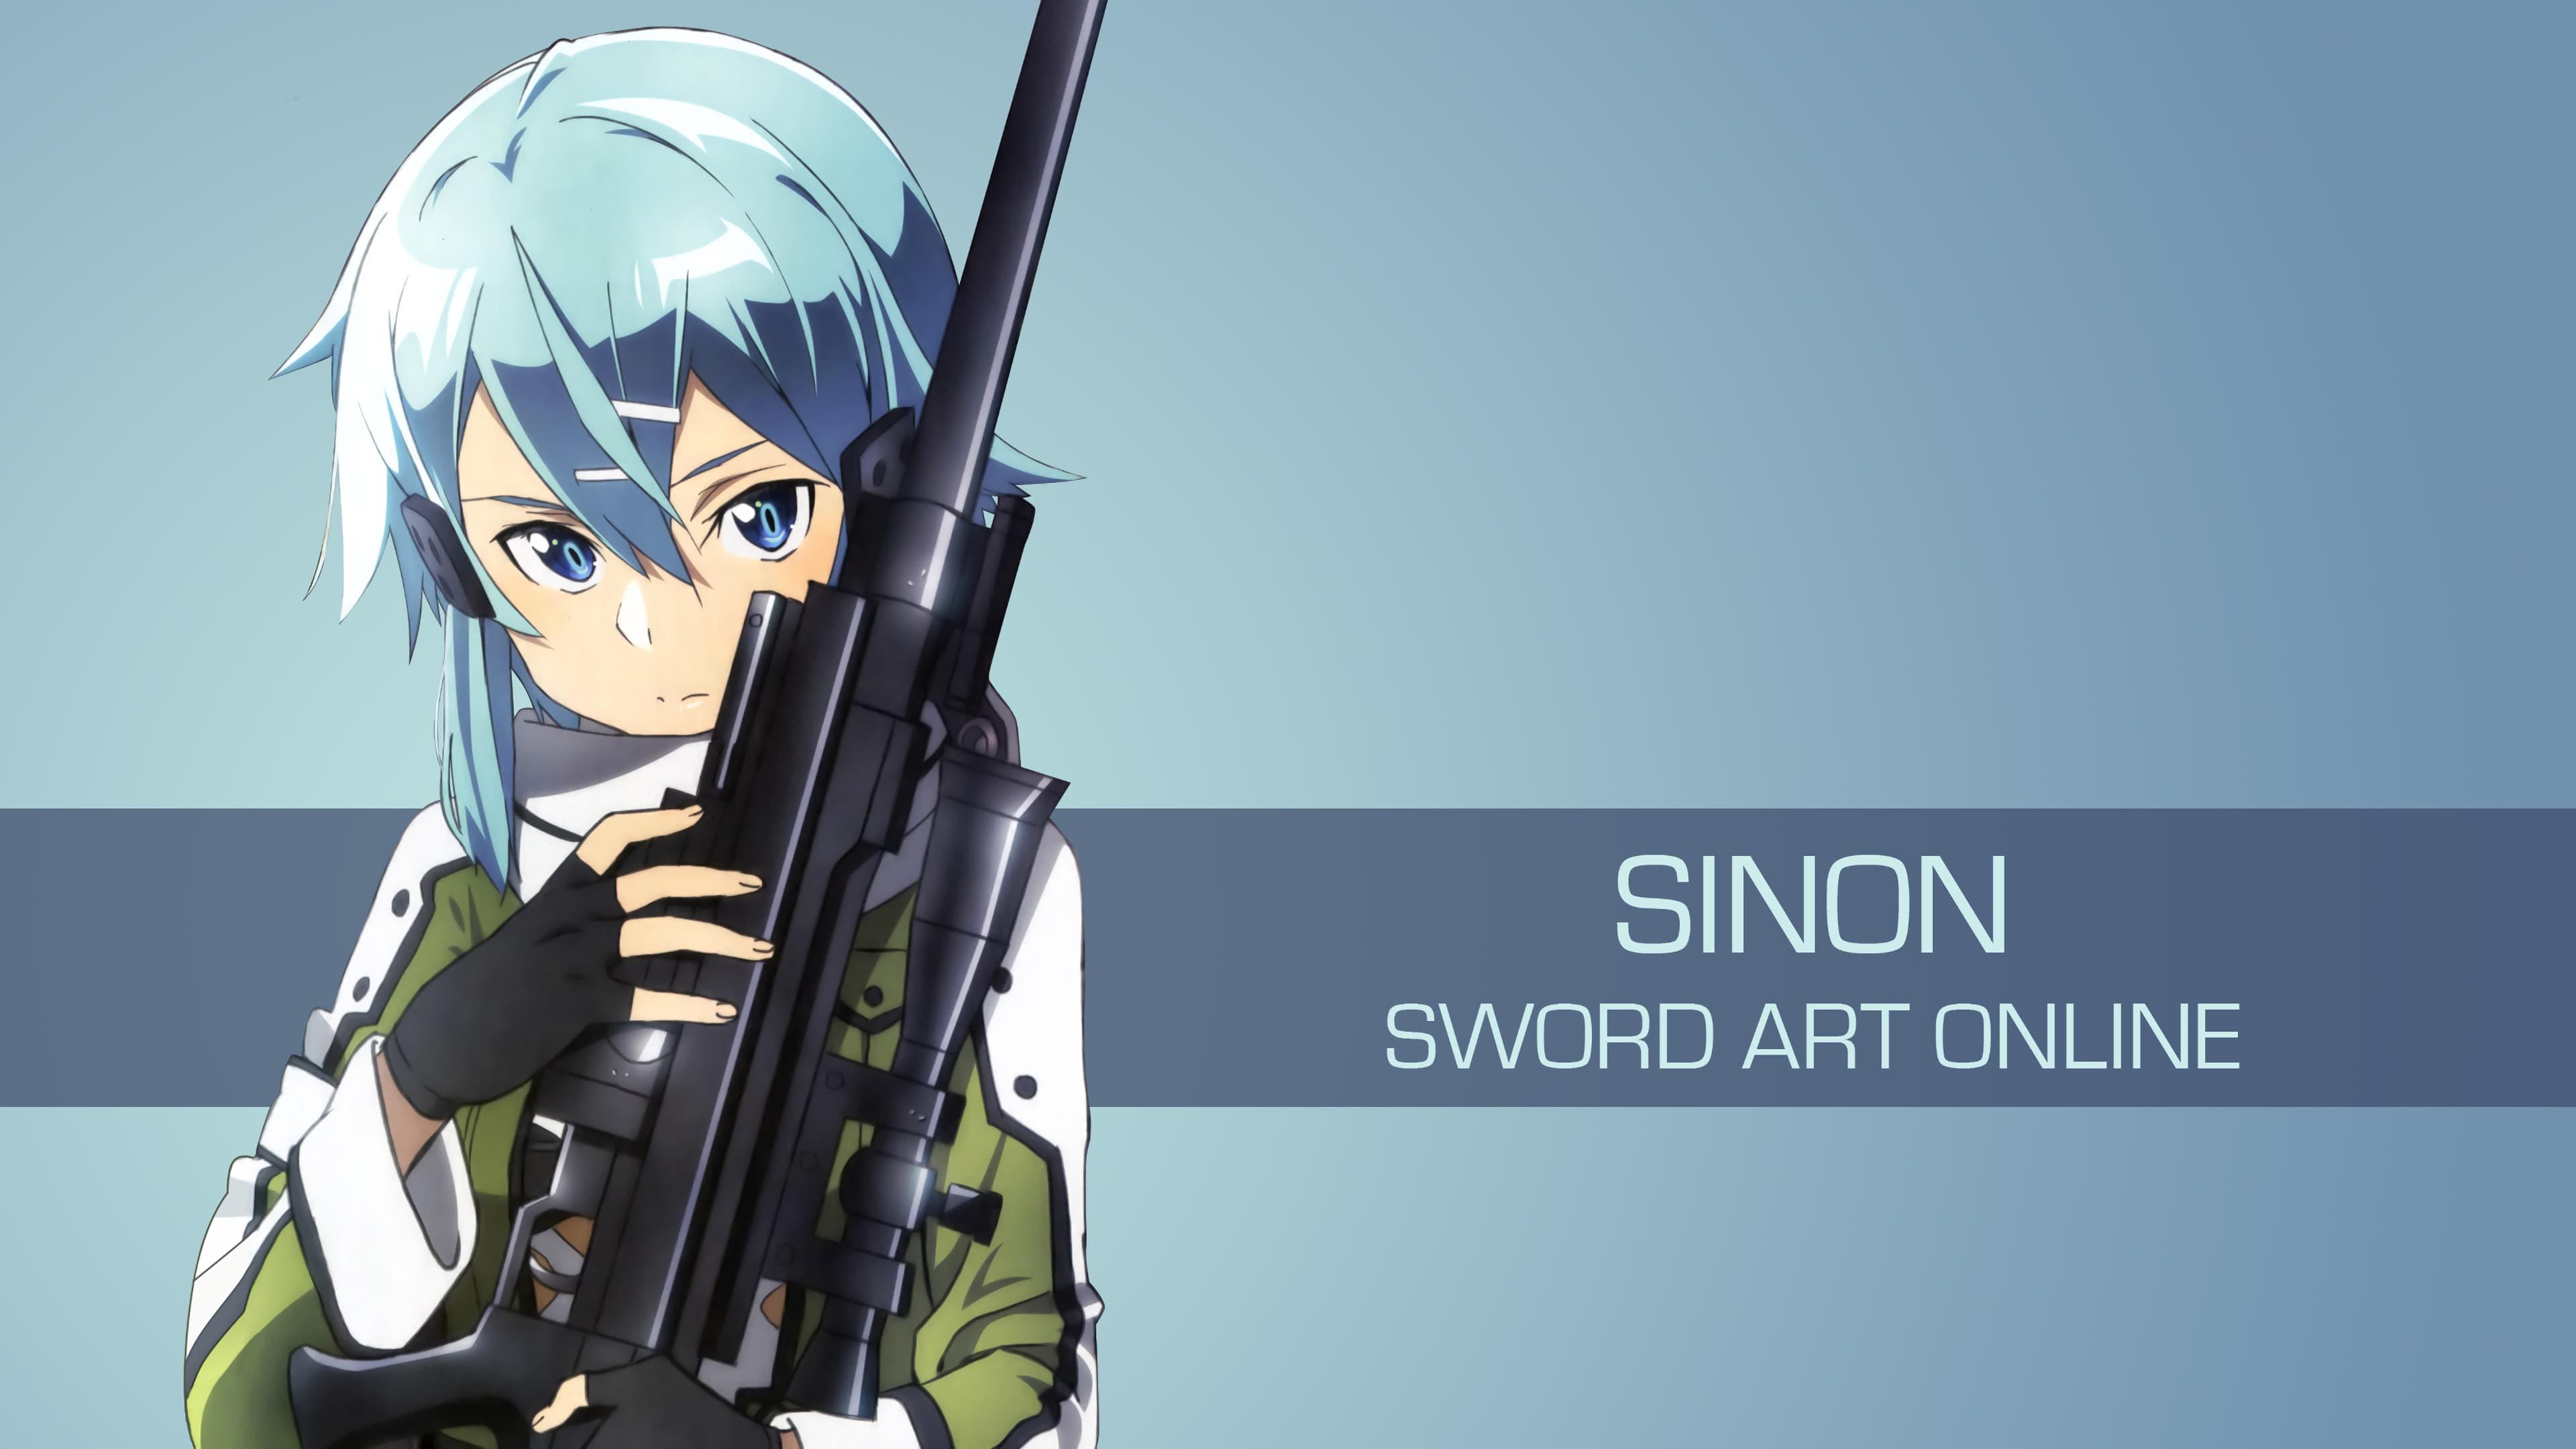 Sinon Sword Art Online Uhd 4k Wallpaper Pixelz